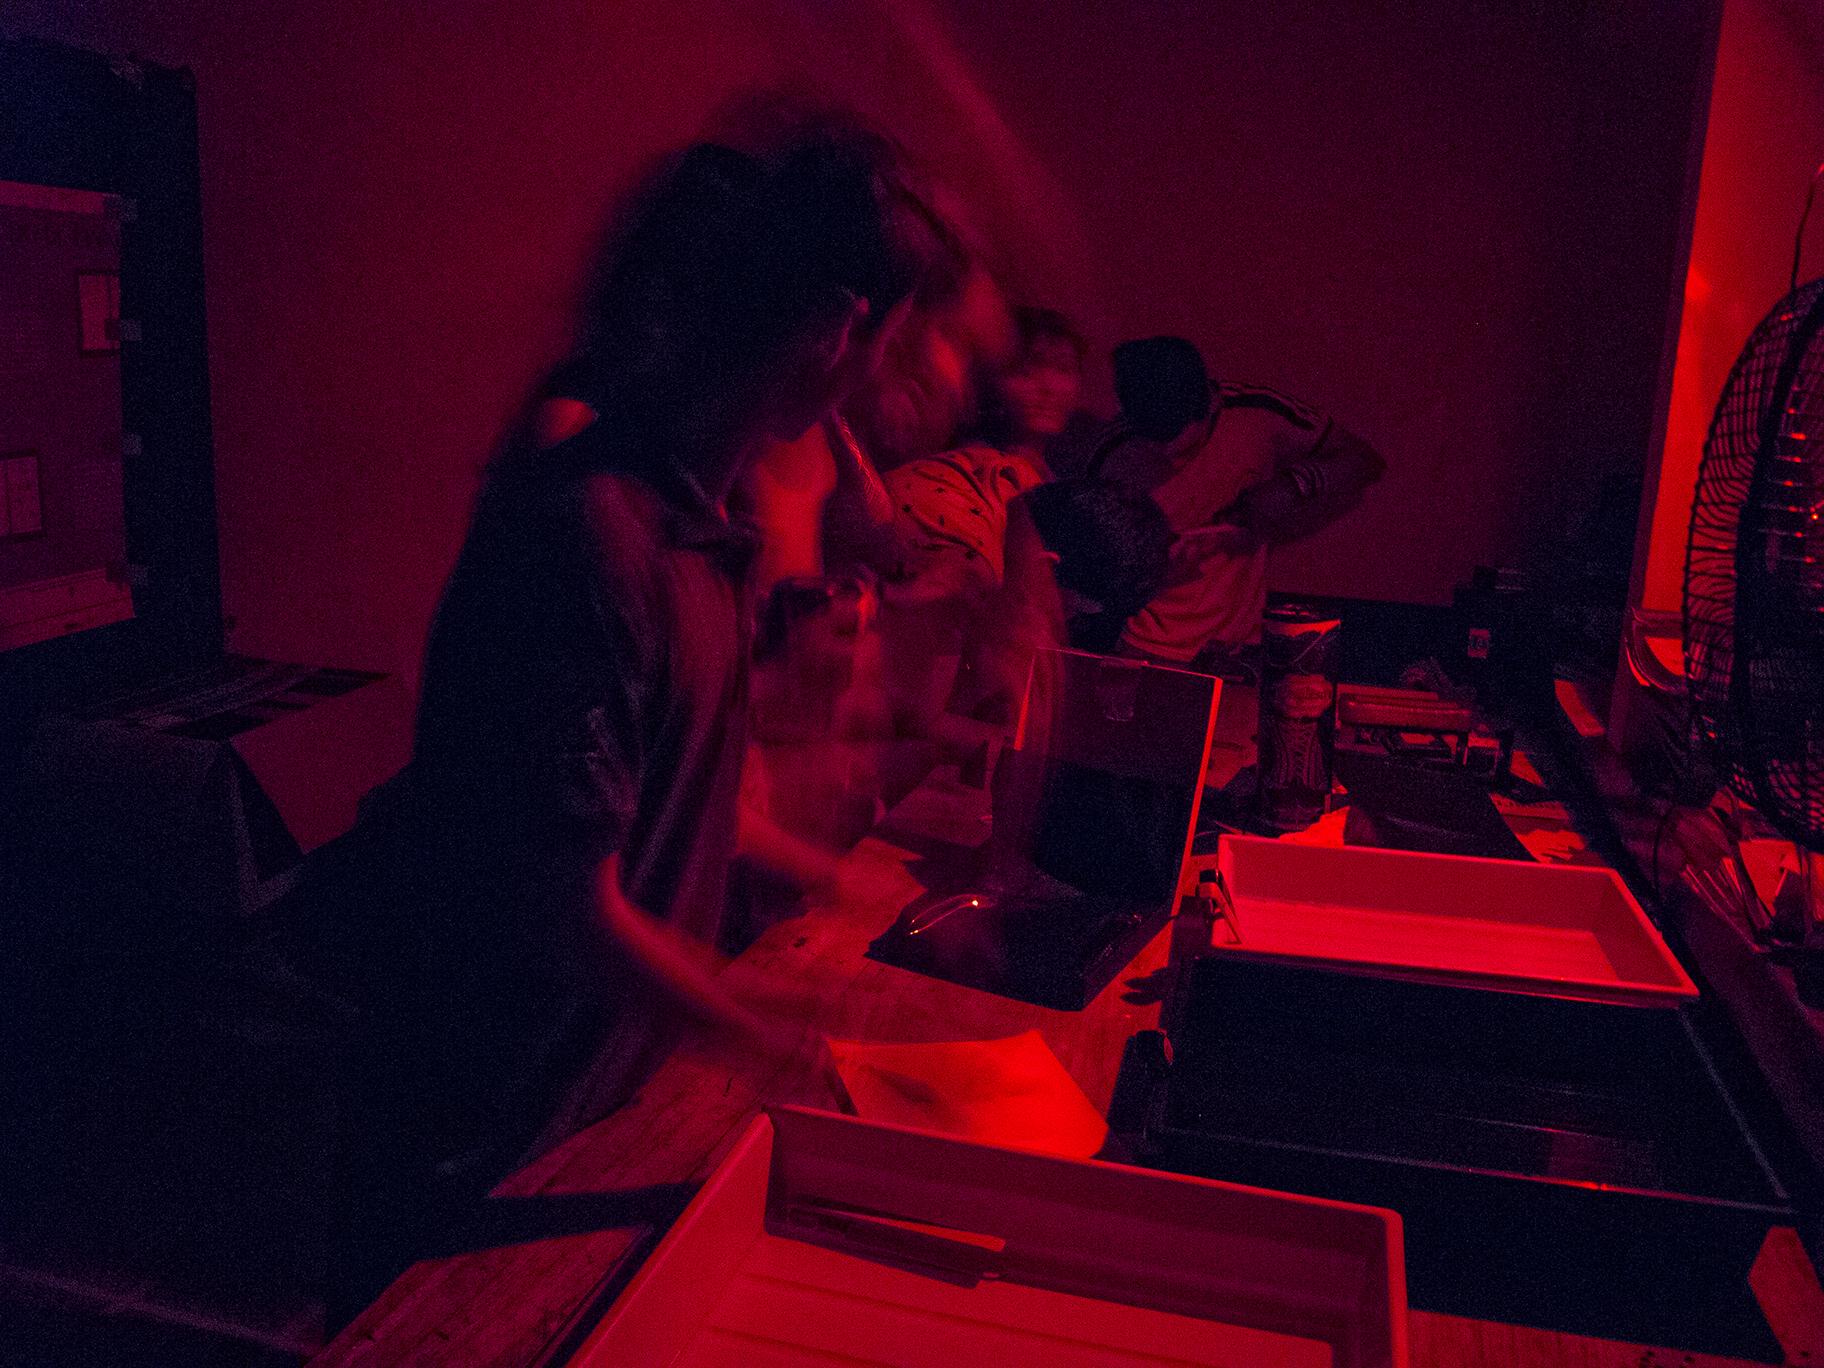 cuarto oscuro 002_7.jpg